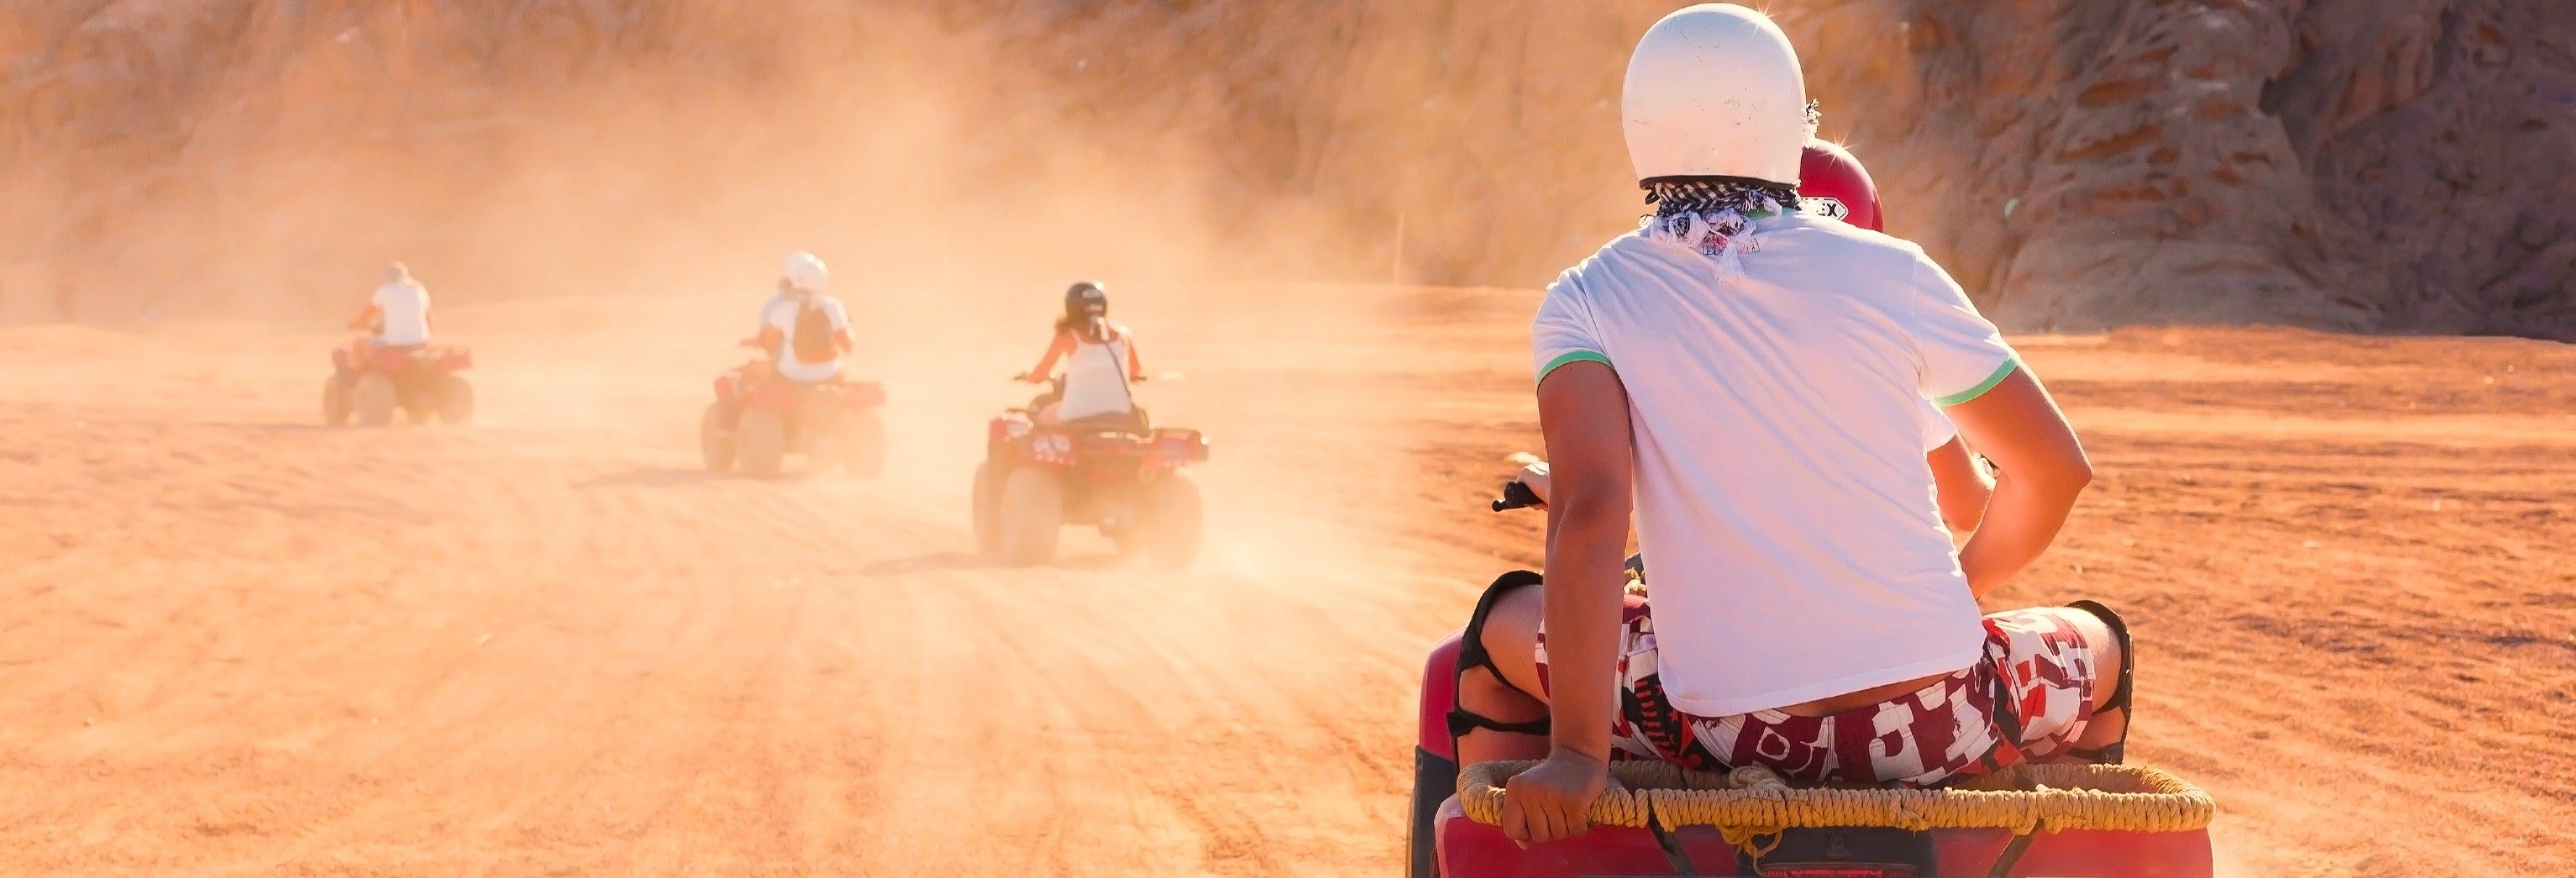 Tour de quadriciclo pelo deserto do Sinai